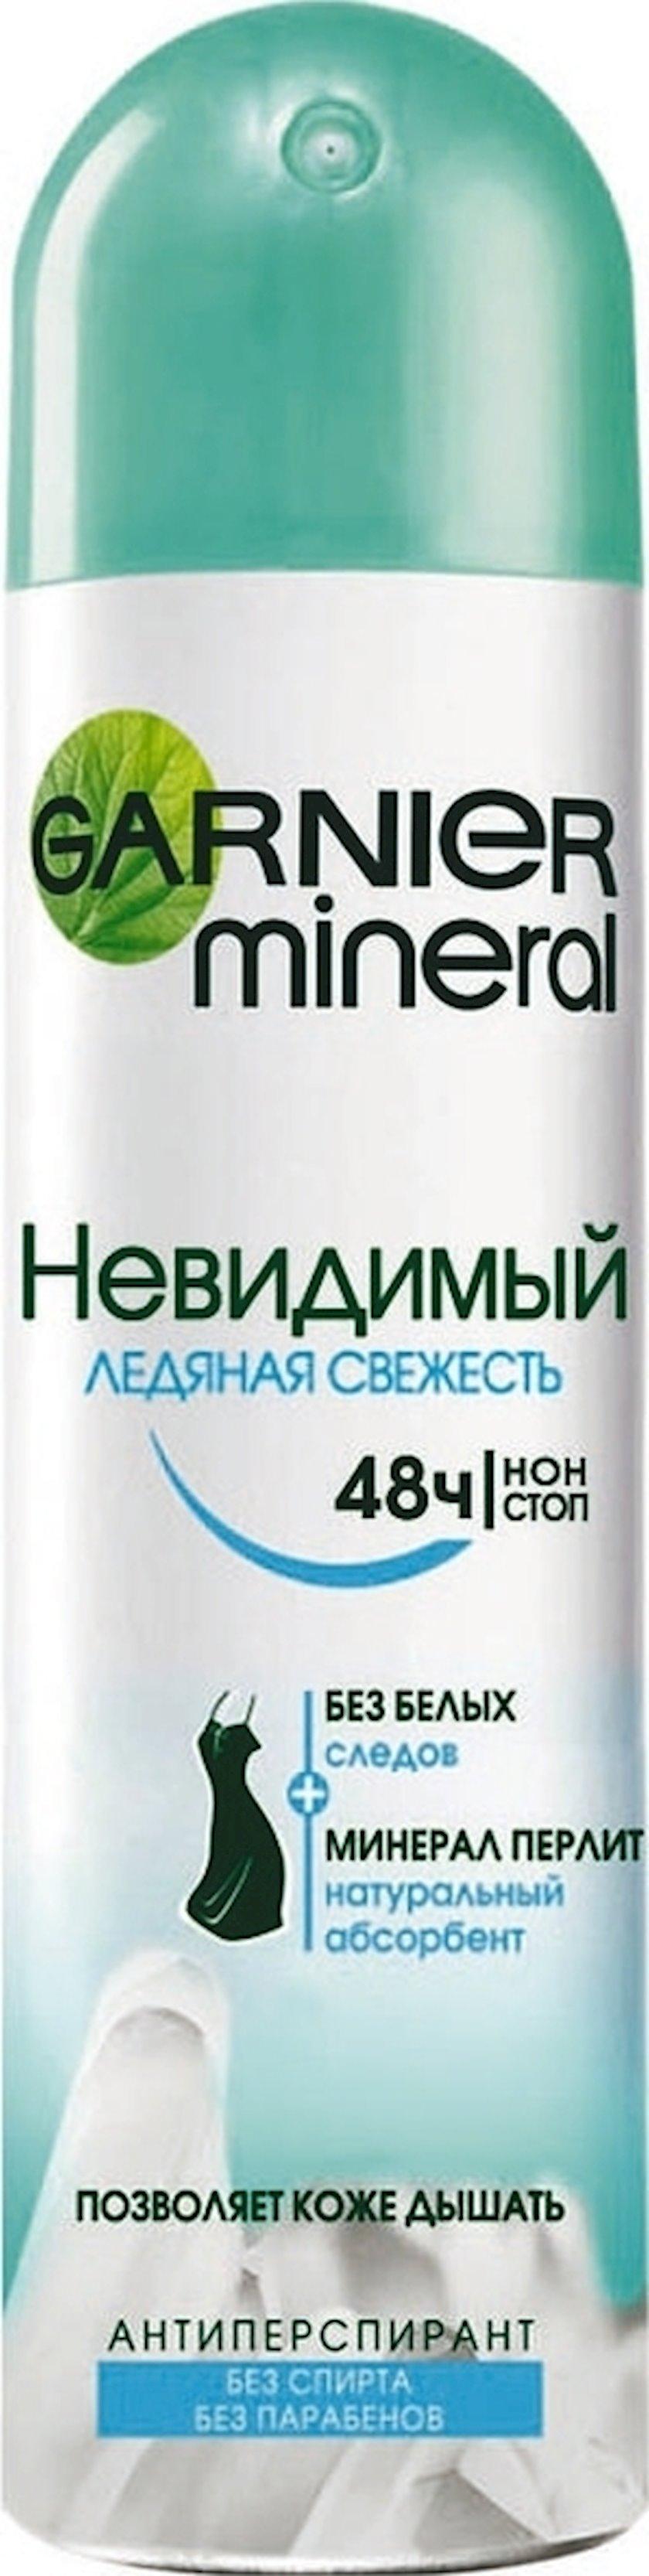 Dezodorant-antiperspirant Garnier Mineral Görünməz Buz təravəti 150 ml